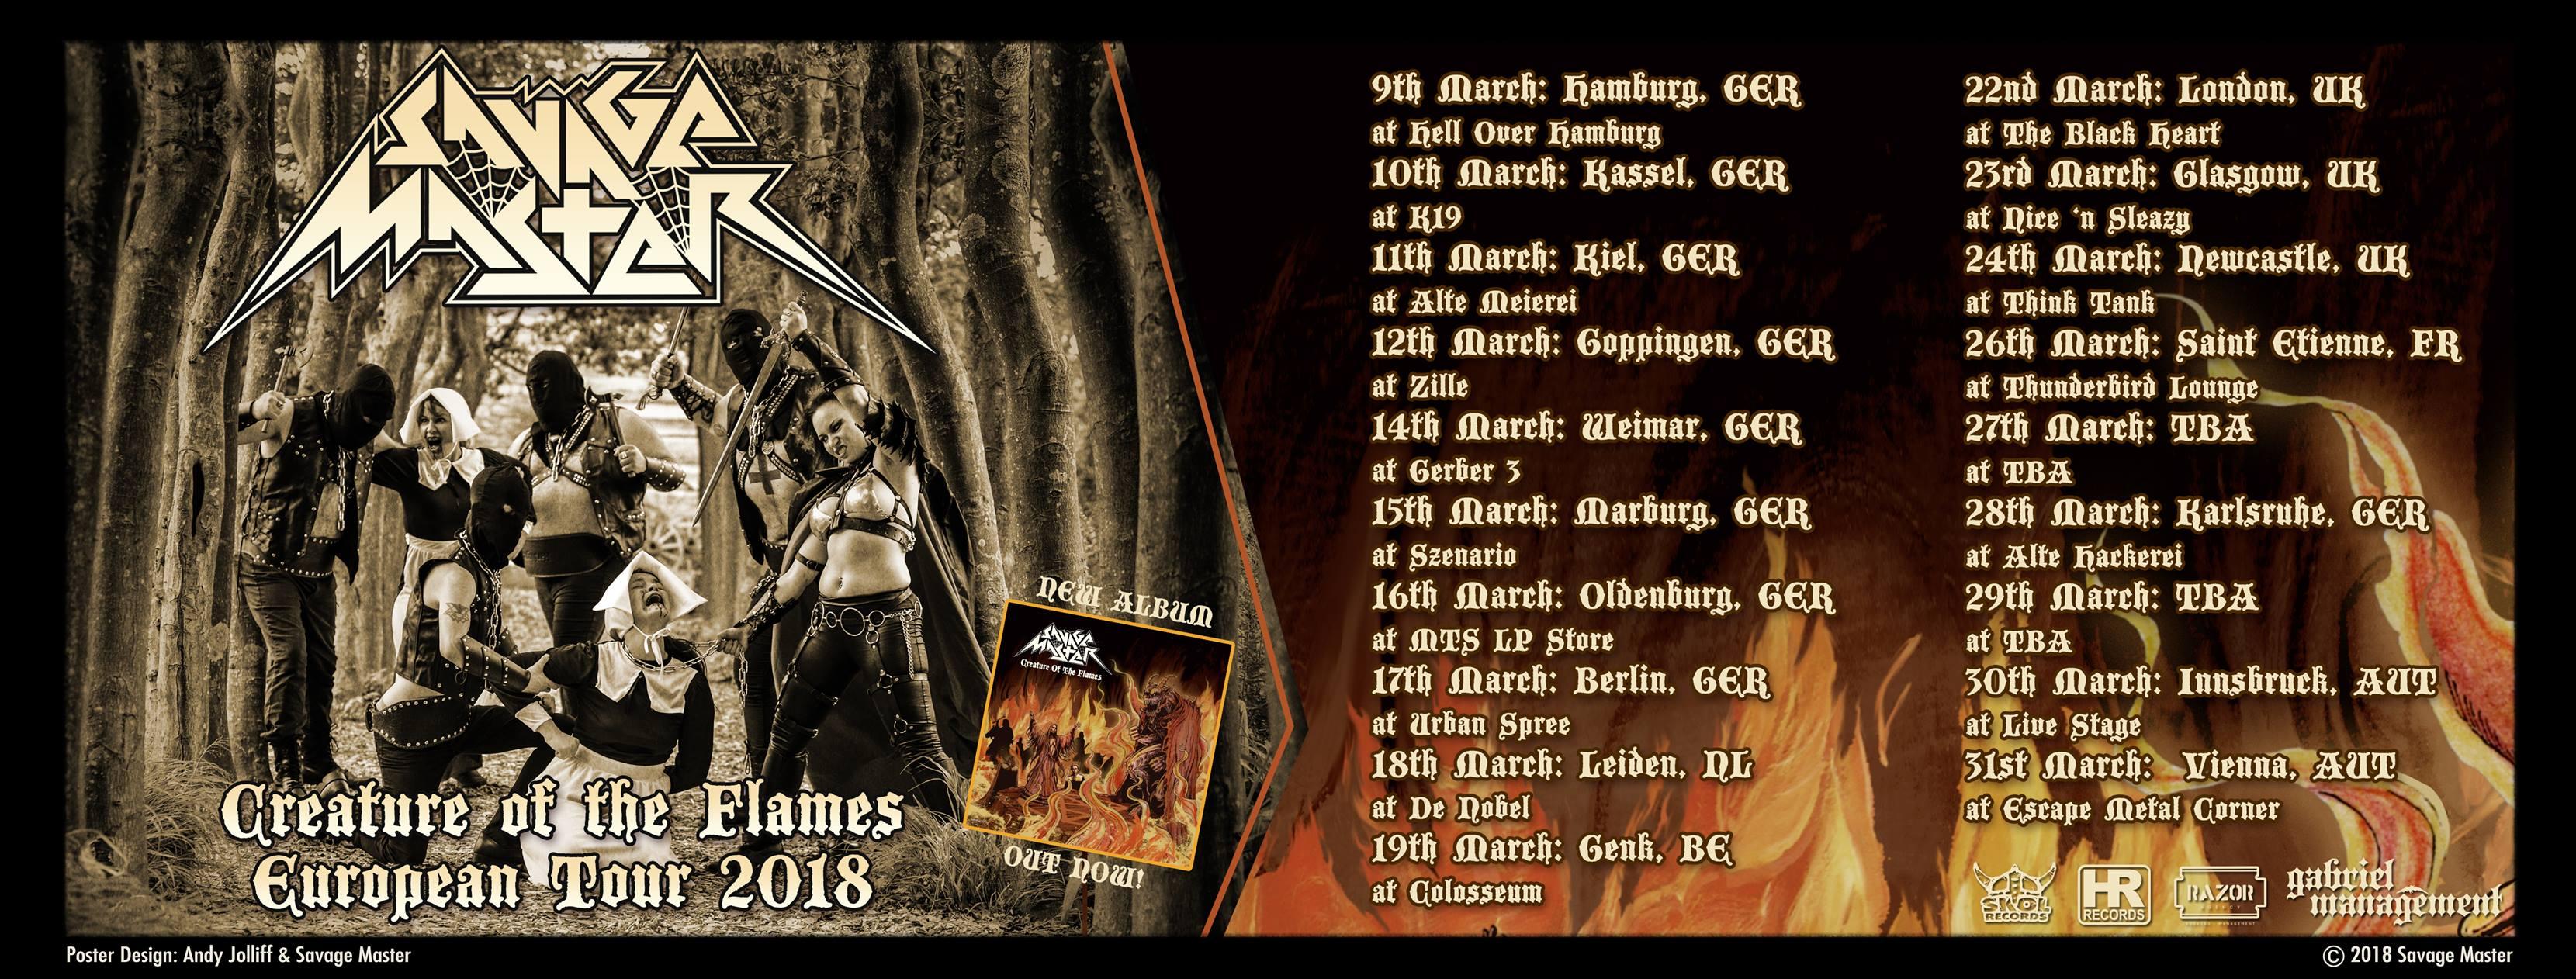 Tourplakat von Savage Master - Creature Of The Flames European Tour 2018